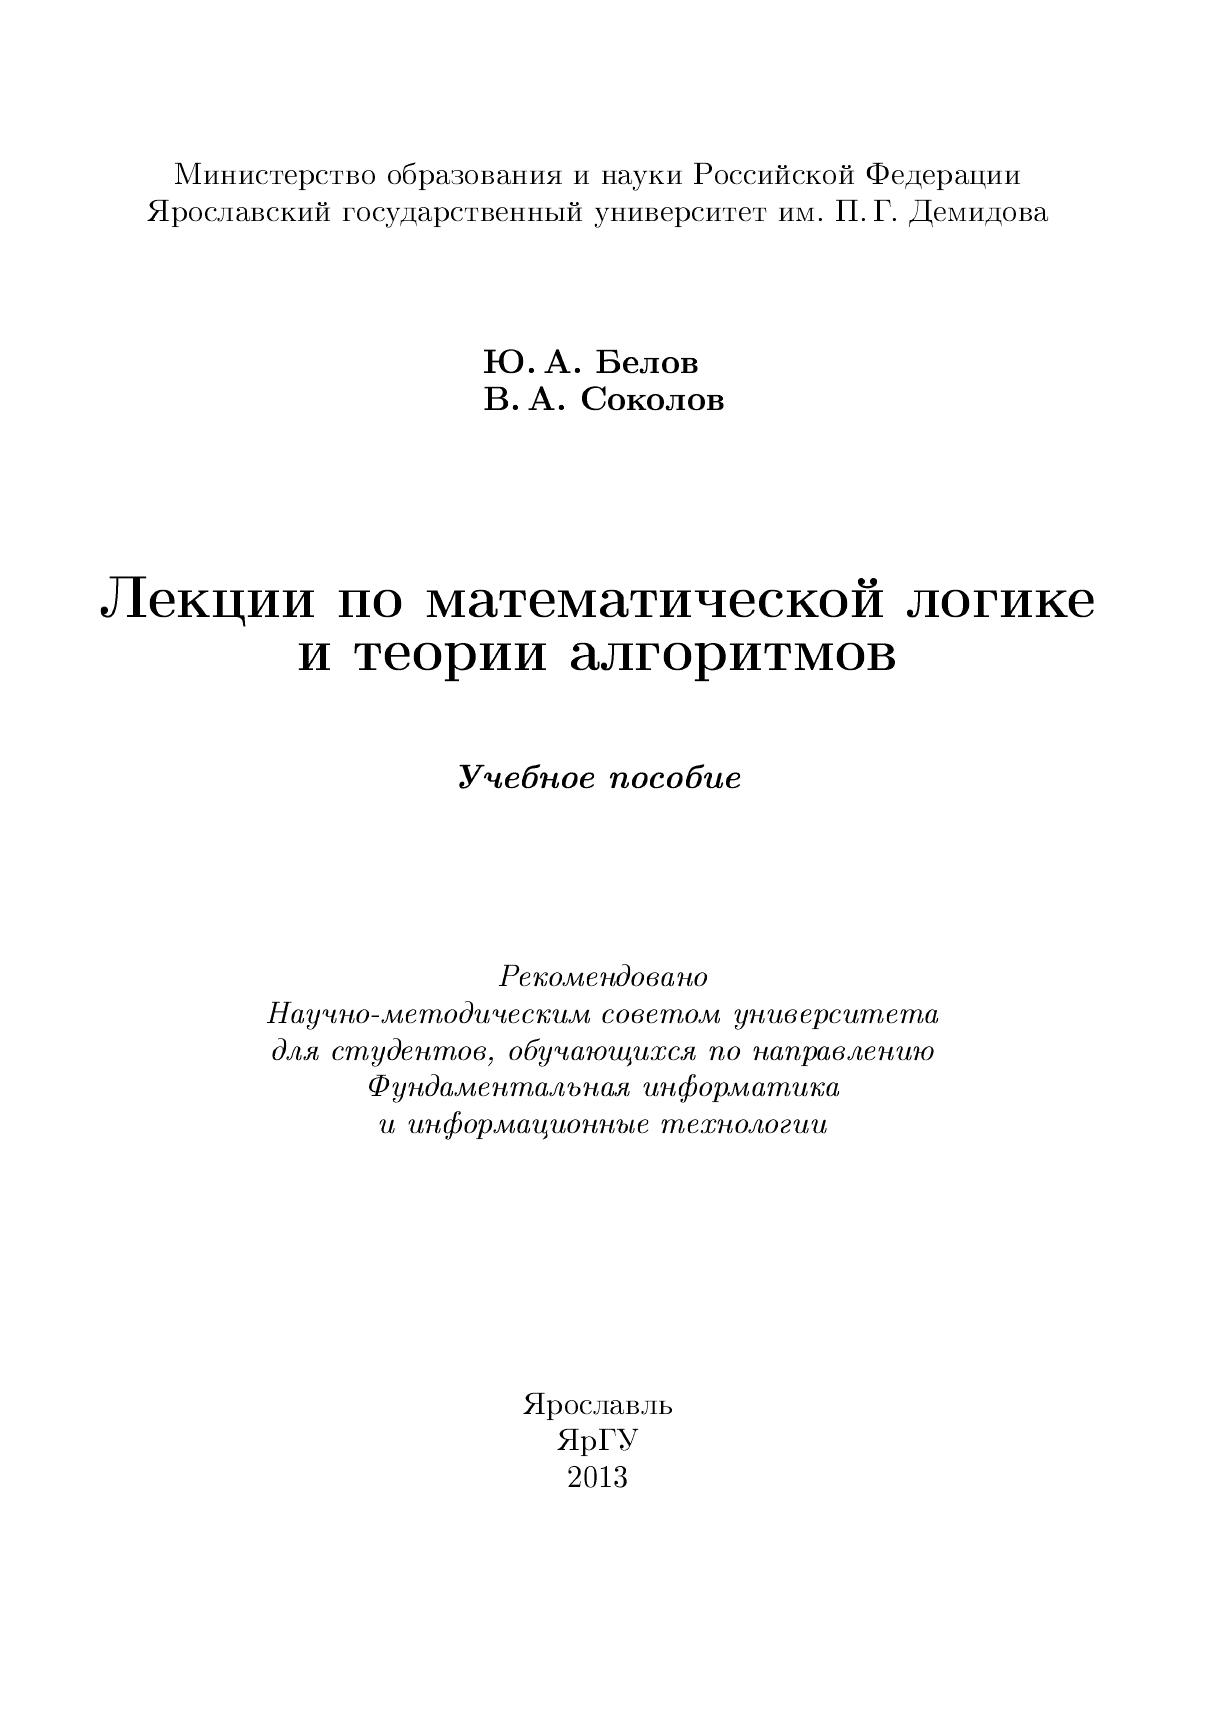 Юрий Белов Лекции по математической логике и теории алгоритмов и а лавров л л максимова задачи по теории множеств математической логике и теории алгоритмов